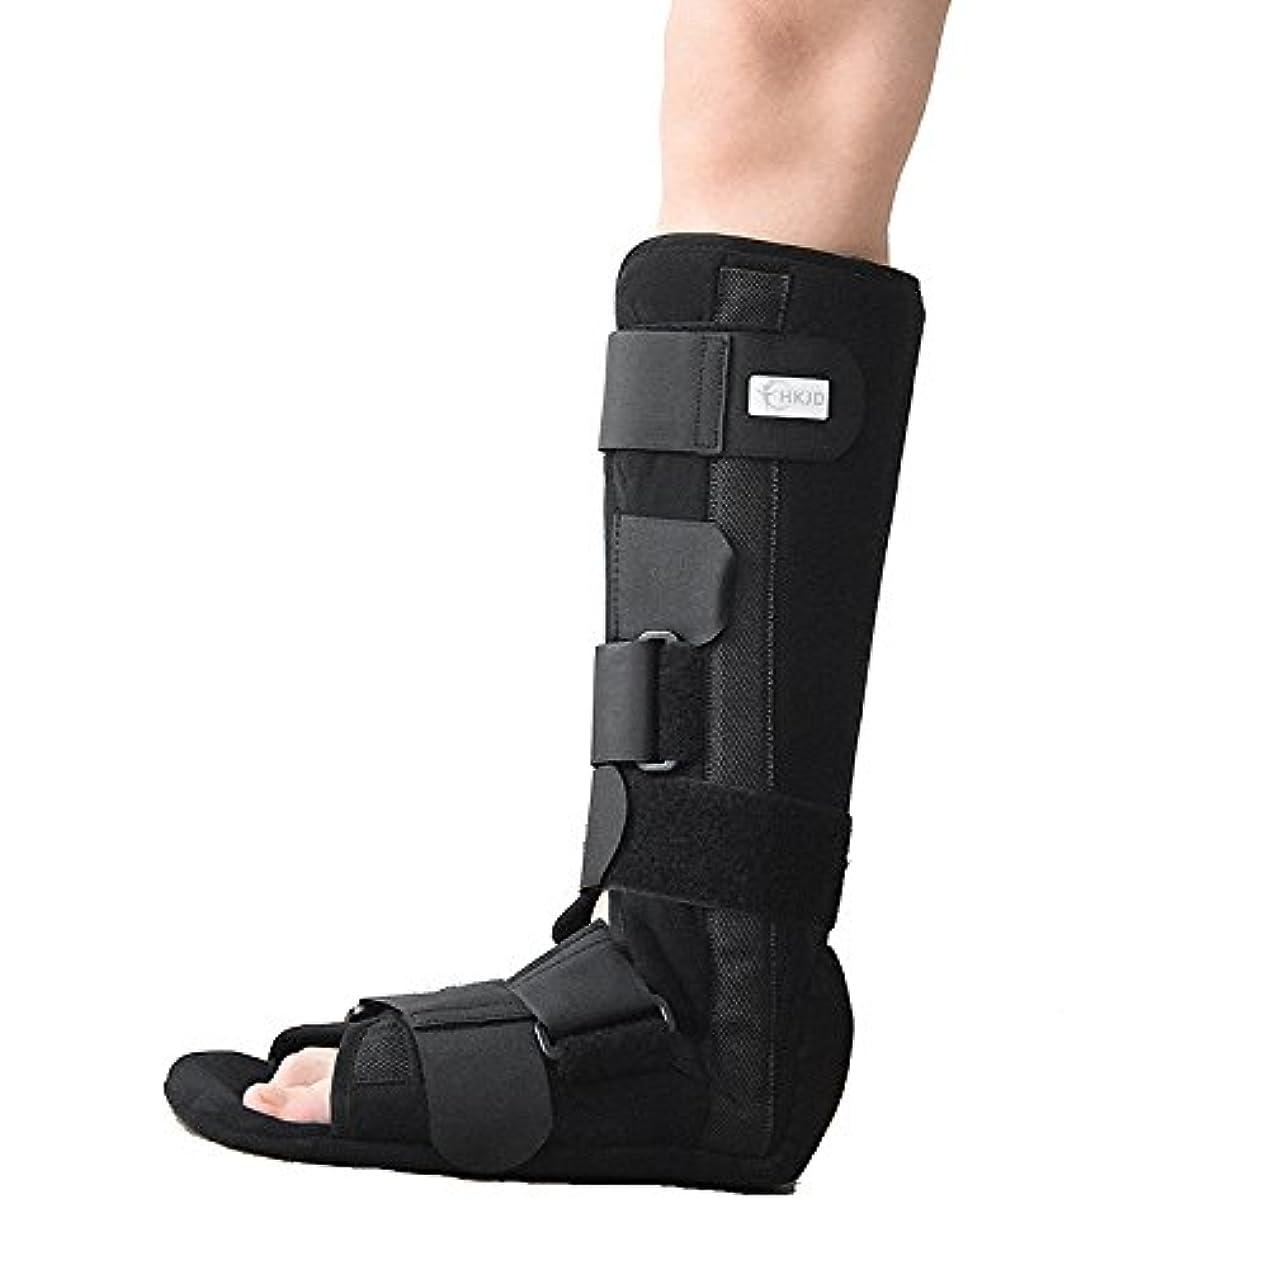 丁寧肯定的獲物足首骨折リハビリ固定足首膝ライナー歩行者ウォーカーブーツ足首足矯正